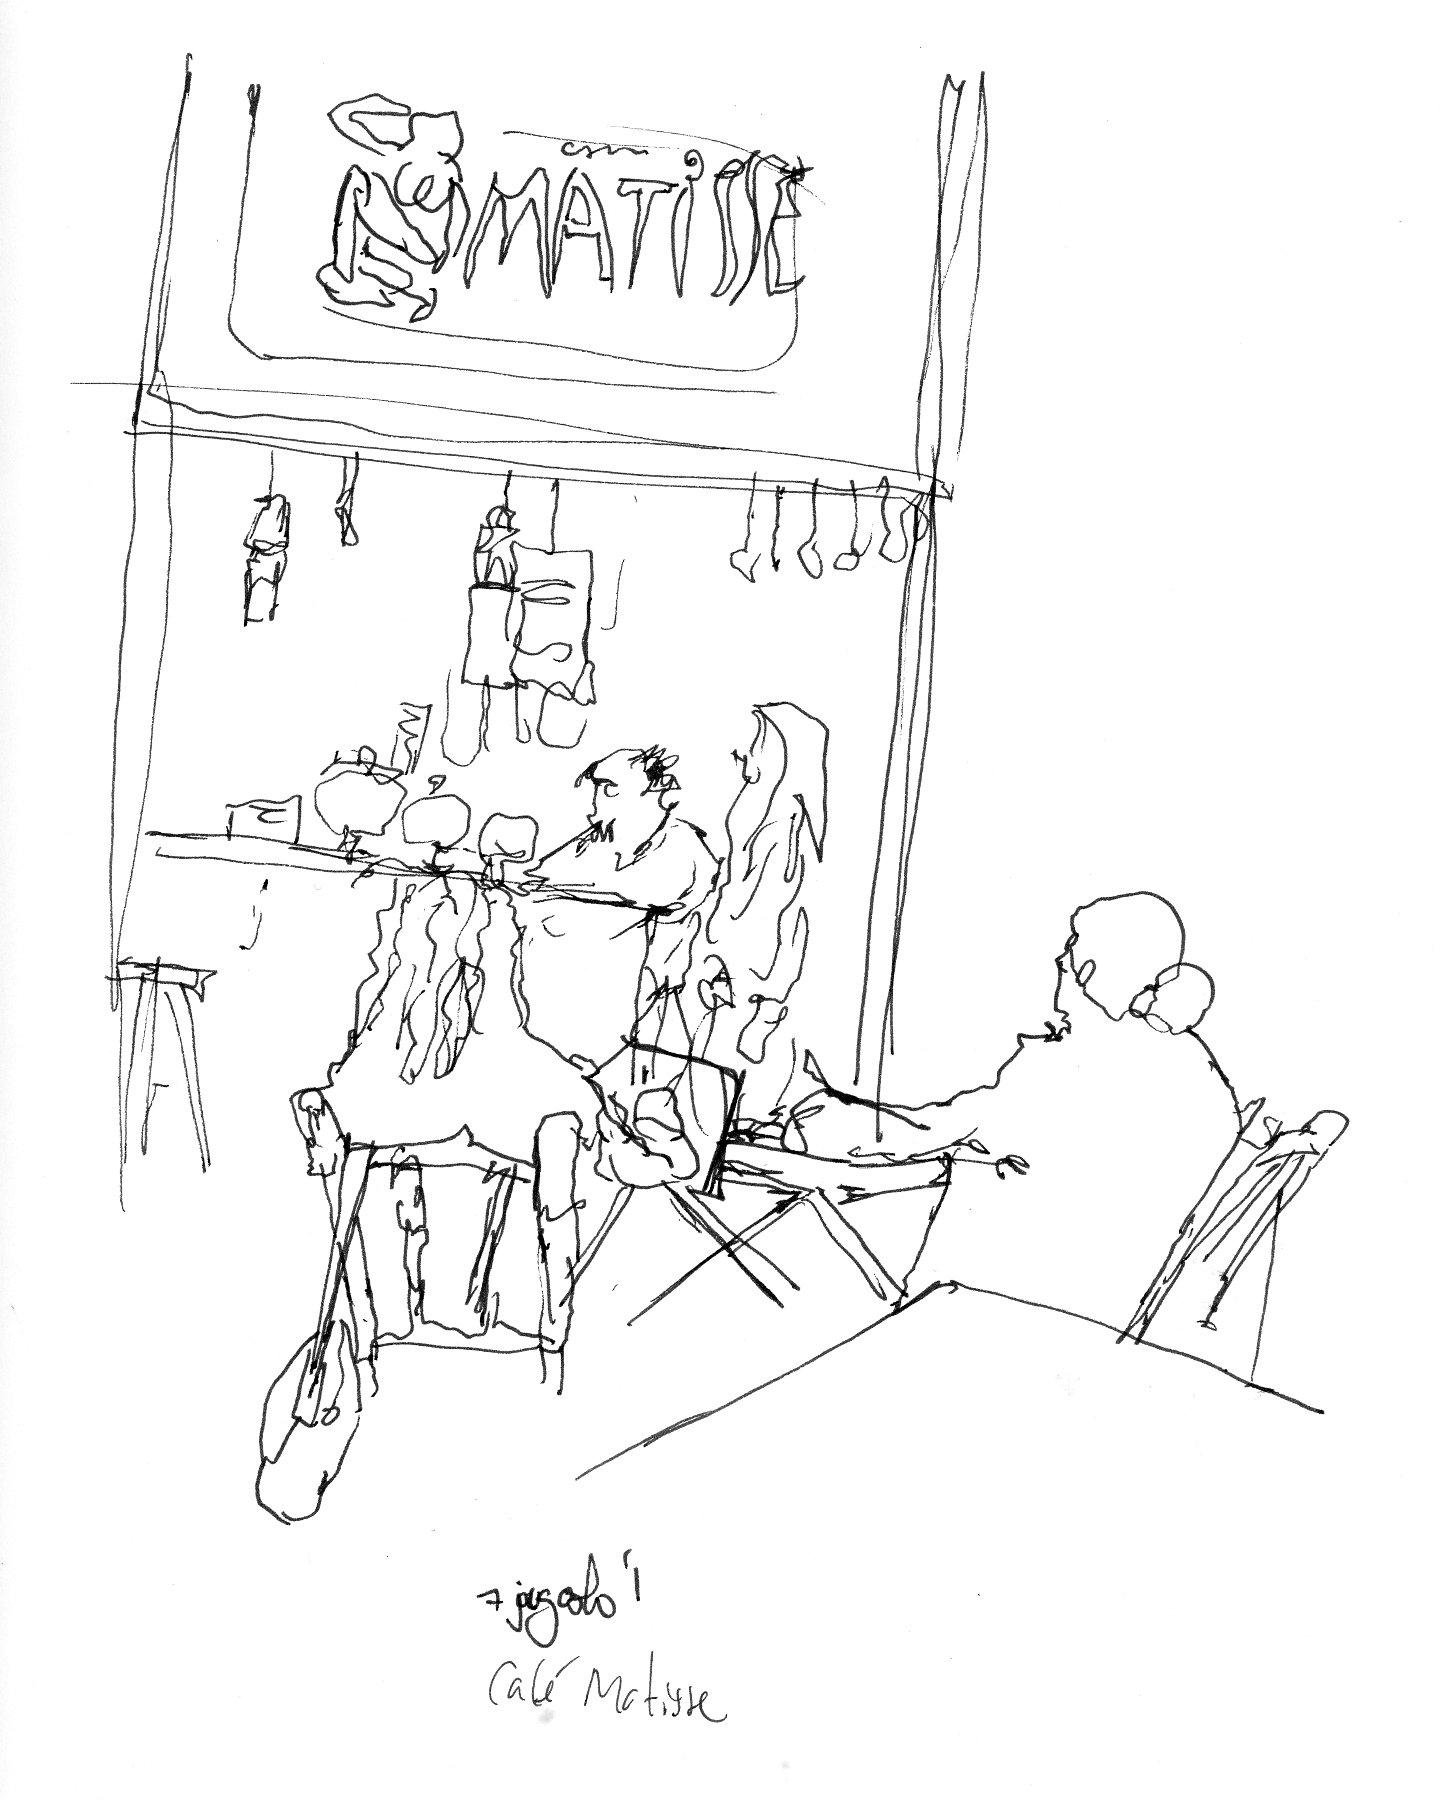 Desenho a traço mostrando pessoas sentadas nas mesas e a placa com o nome Matisse